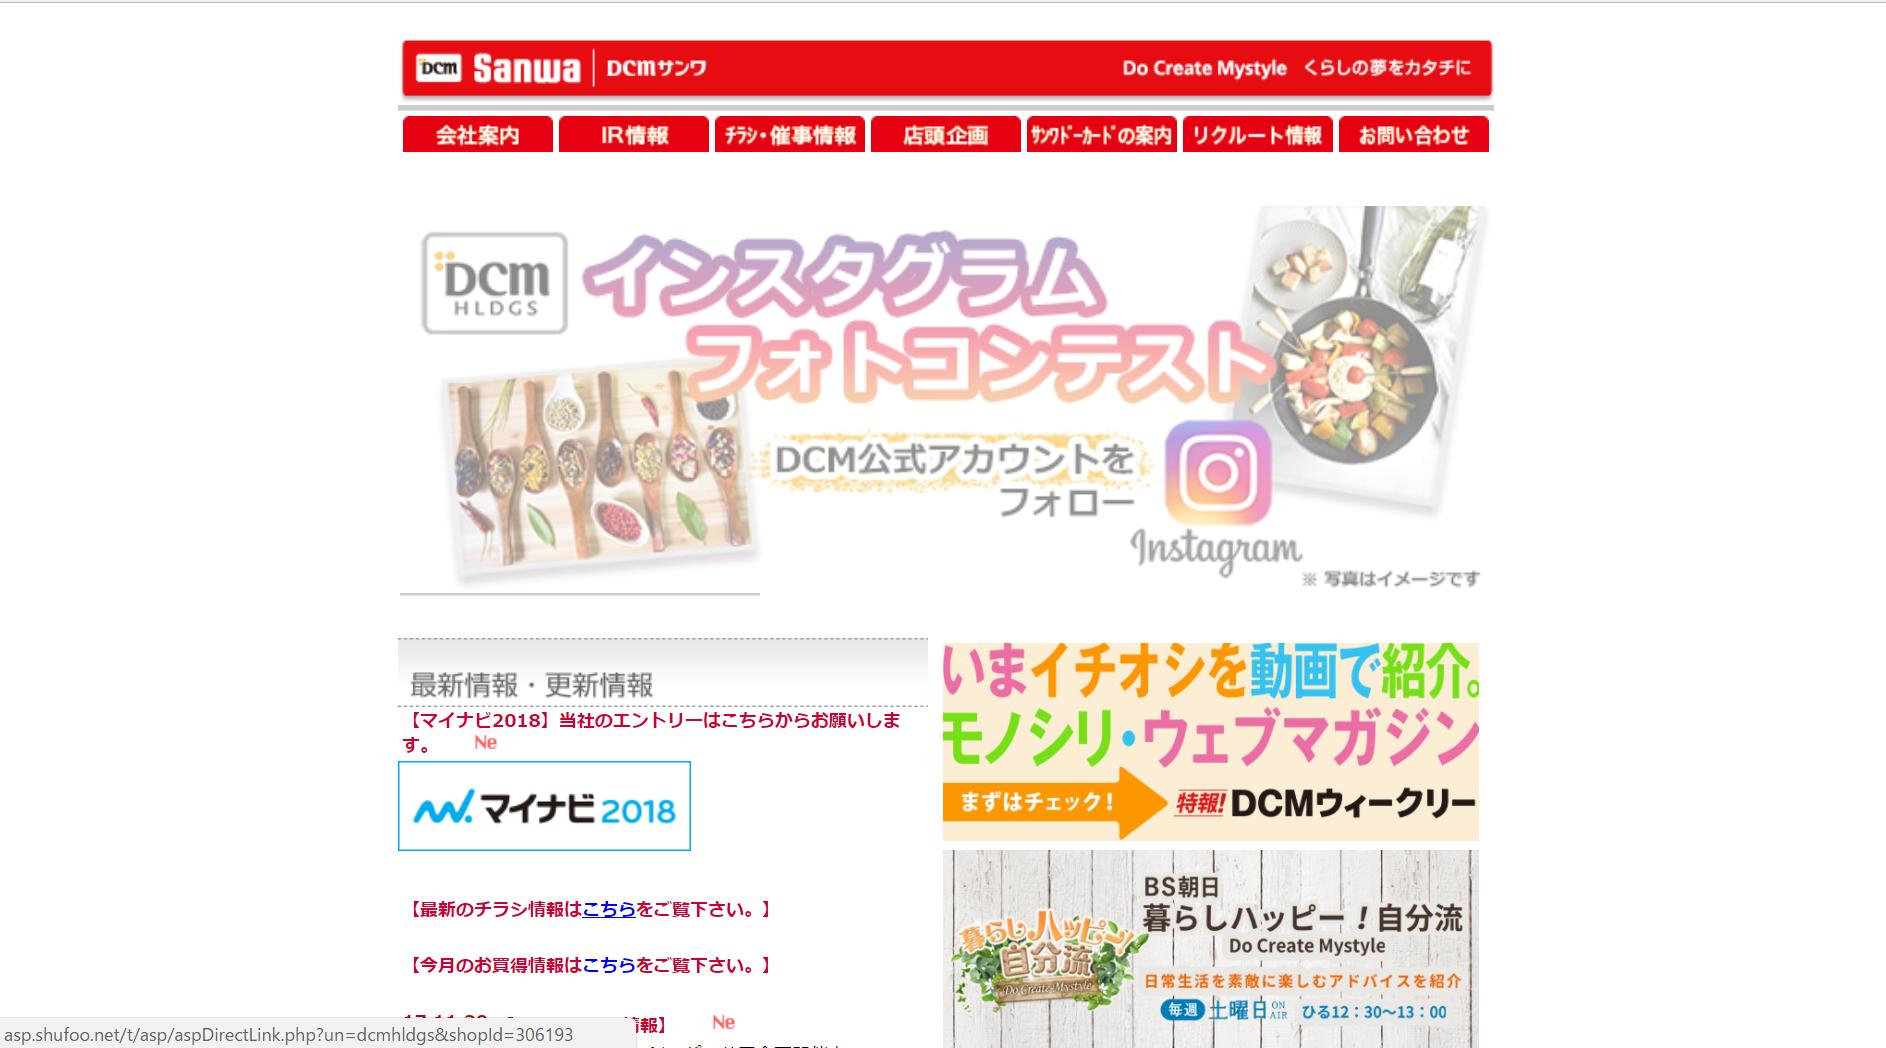 DCMサンワの評判・口コミ